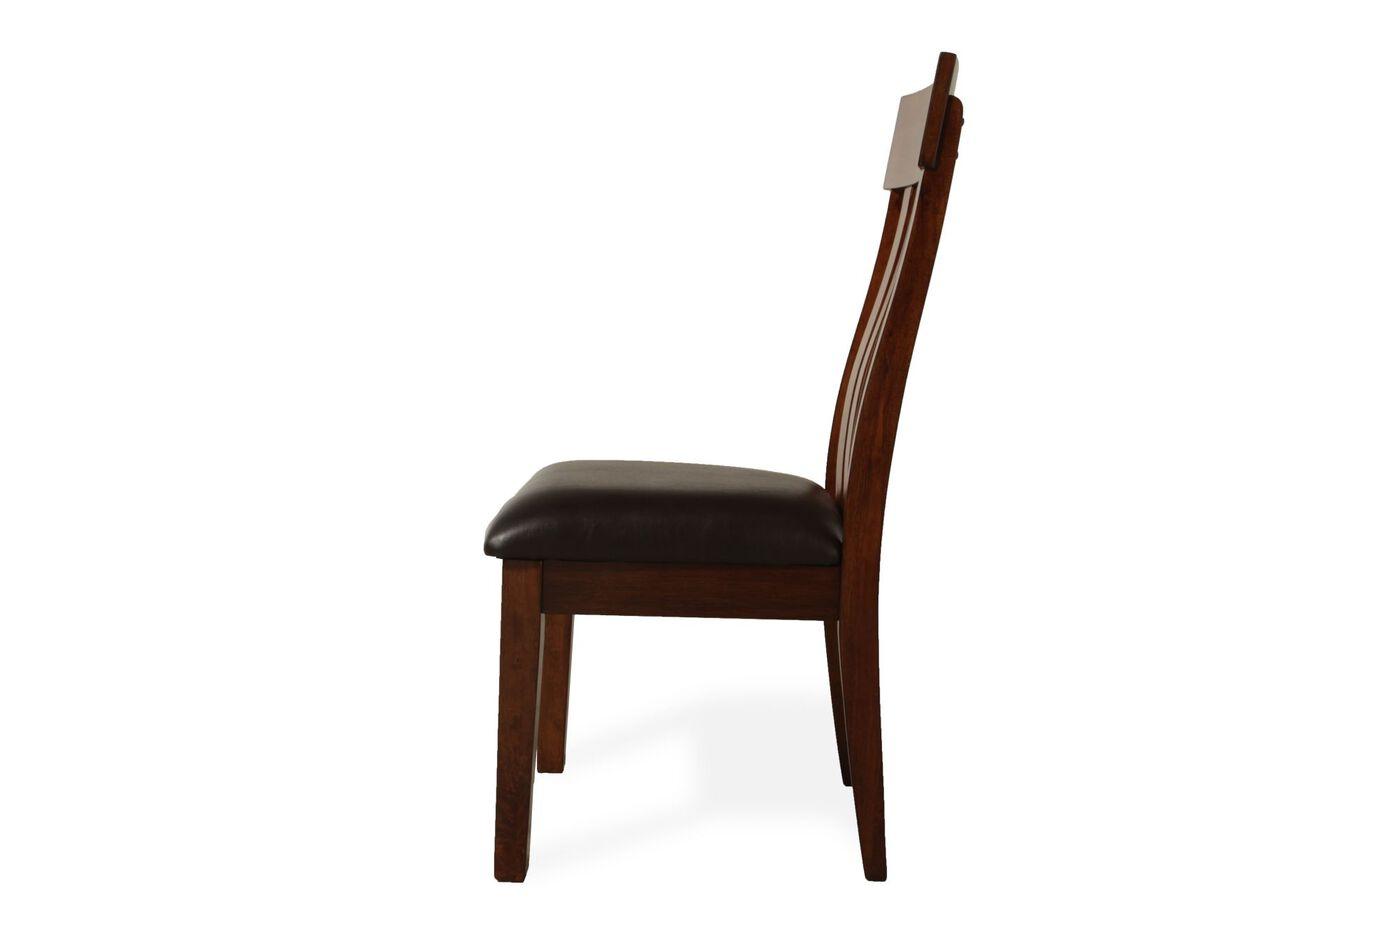 Two Piece Slatted Back 40 Side Chair Set In Rustic Oak